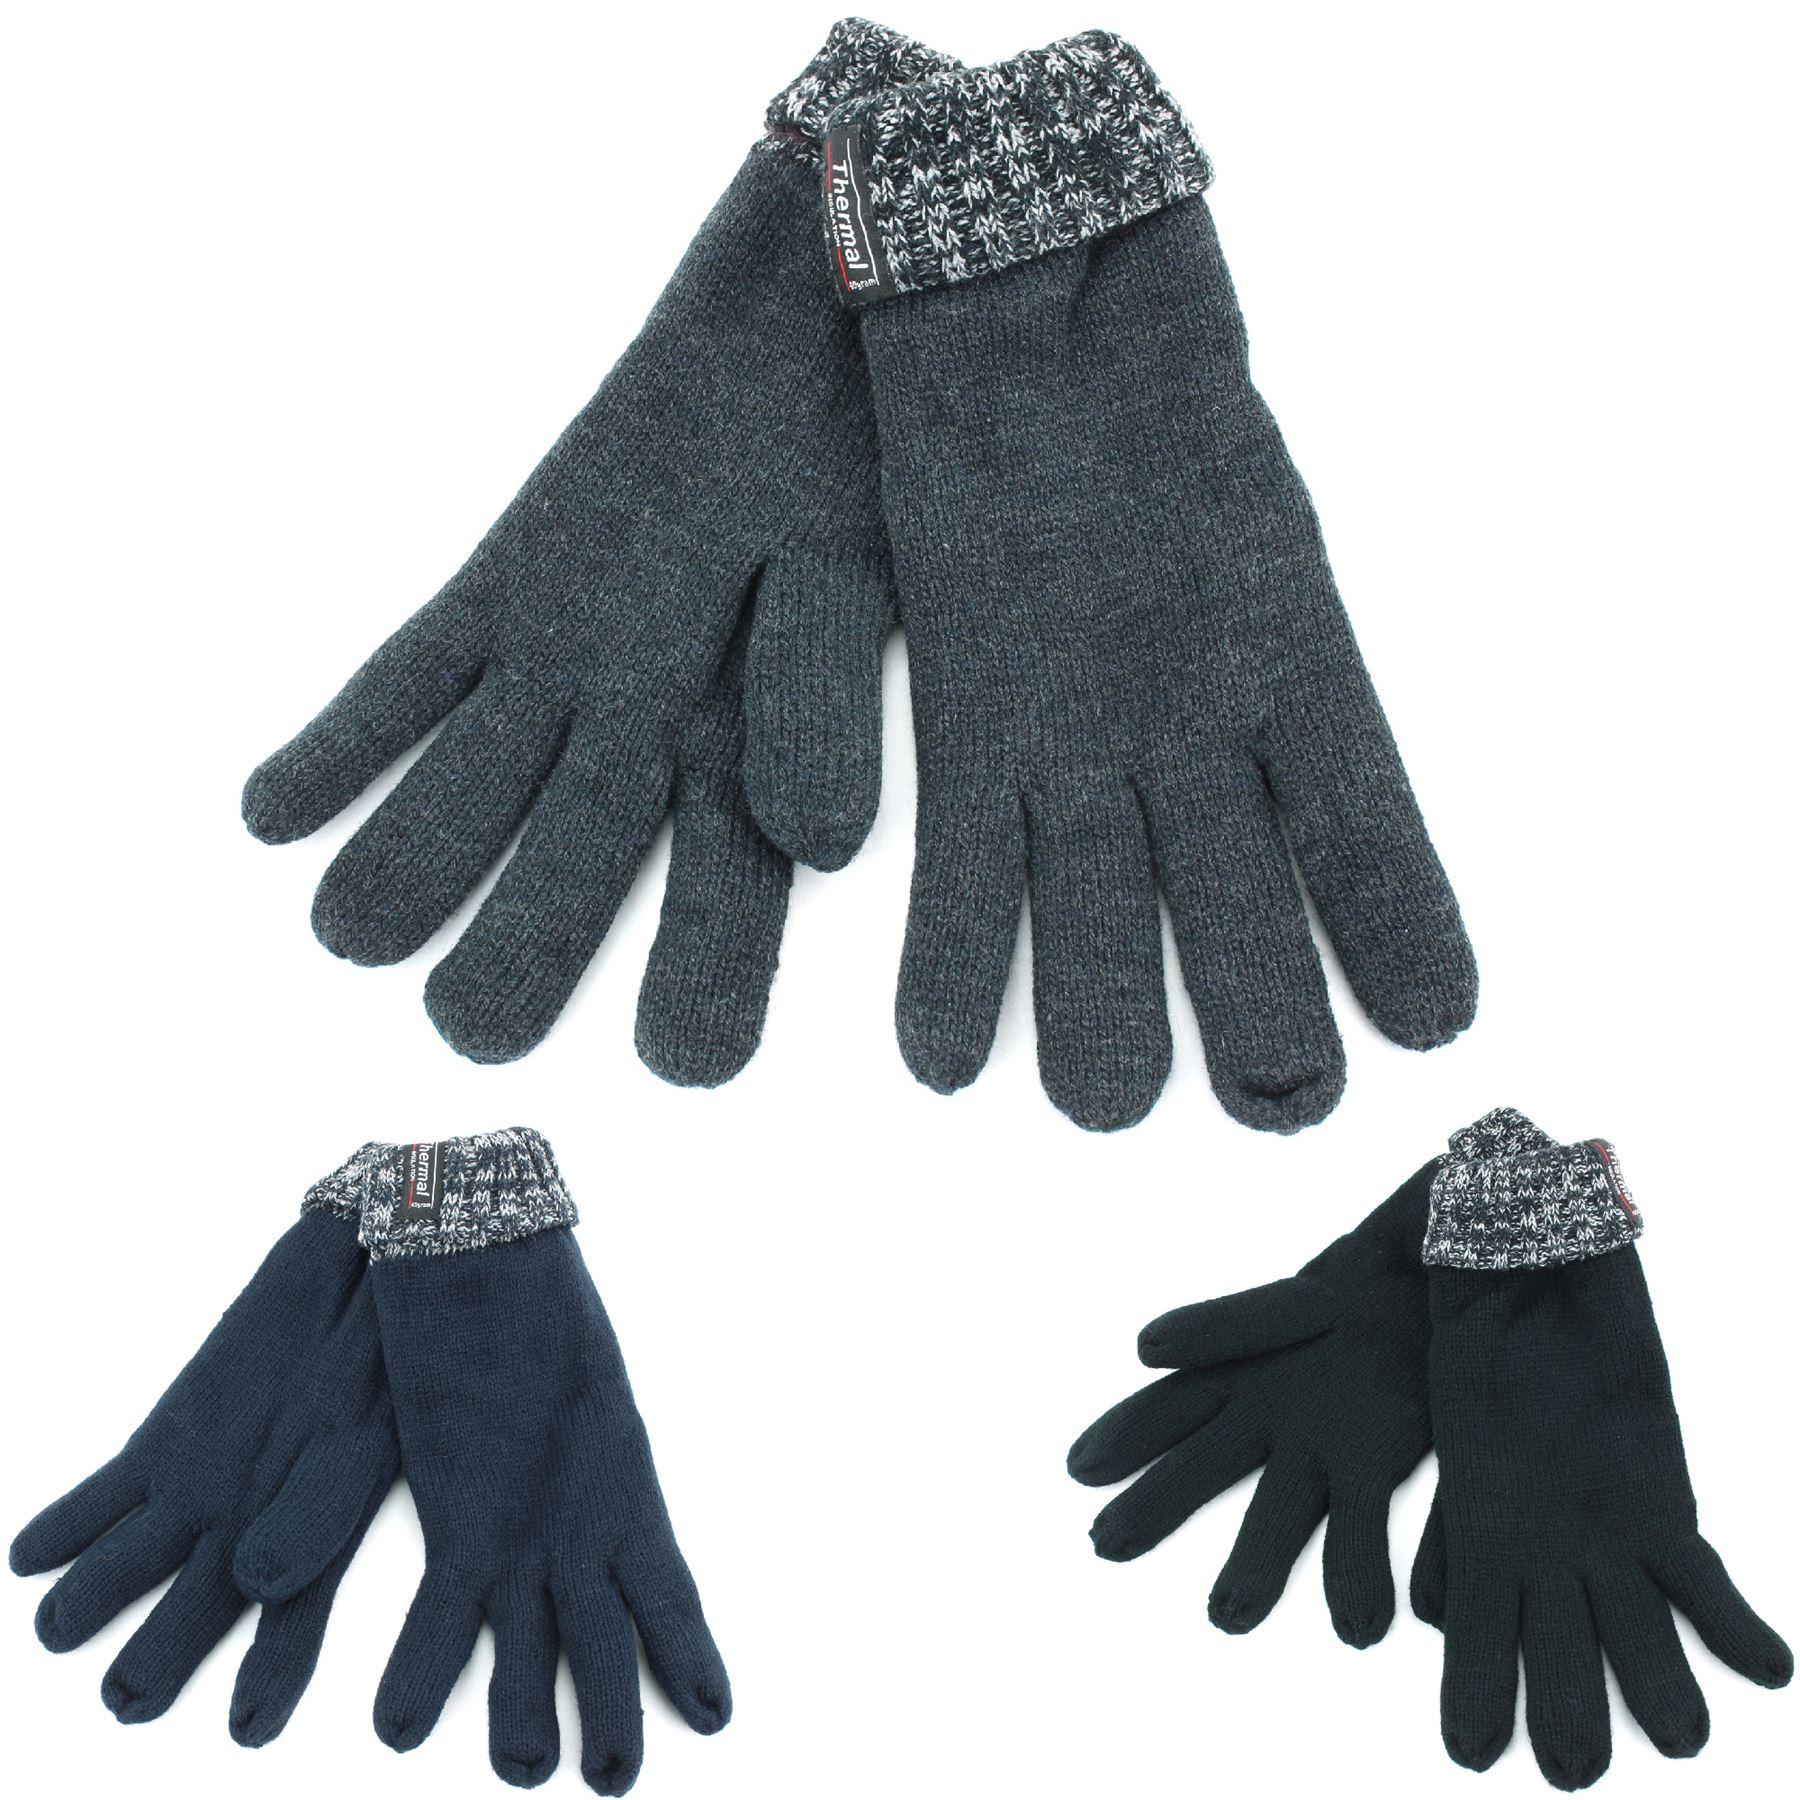 Taille unique Floso Noir Gants en polaire Thinsulate 3M 40g - Femme